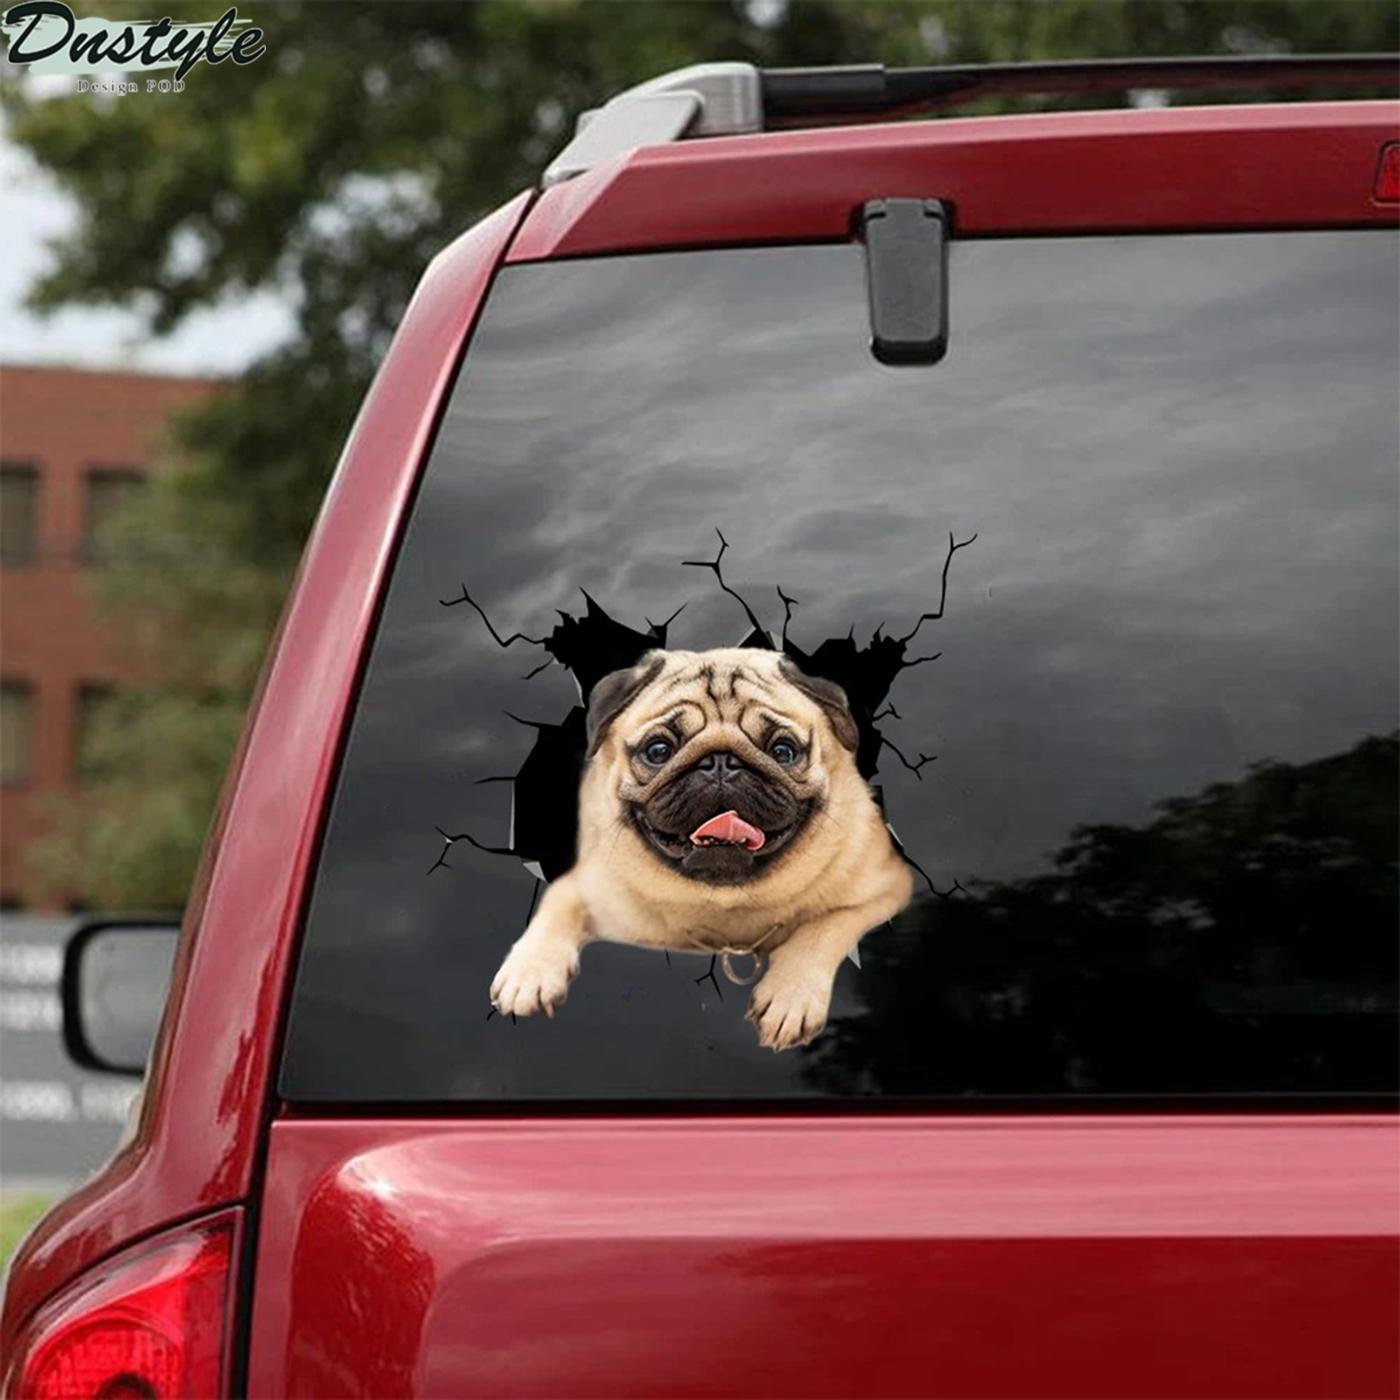 Funny pug sticker car decal 2